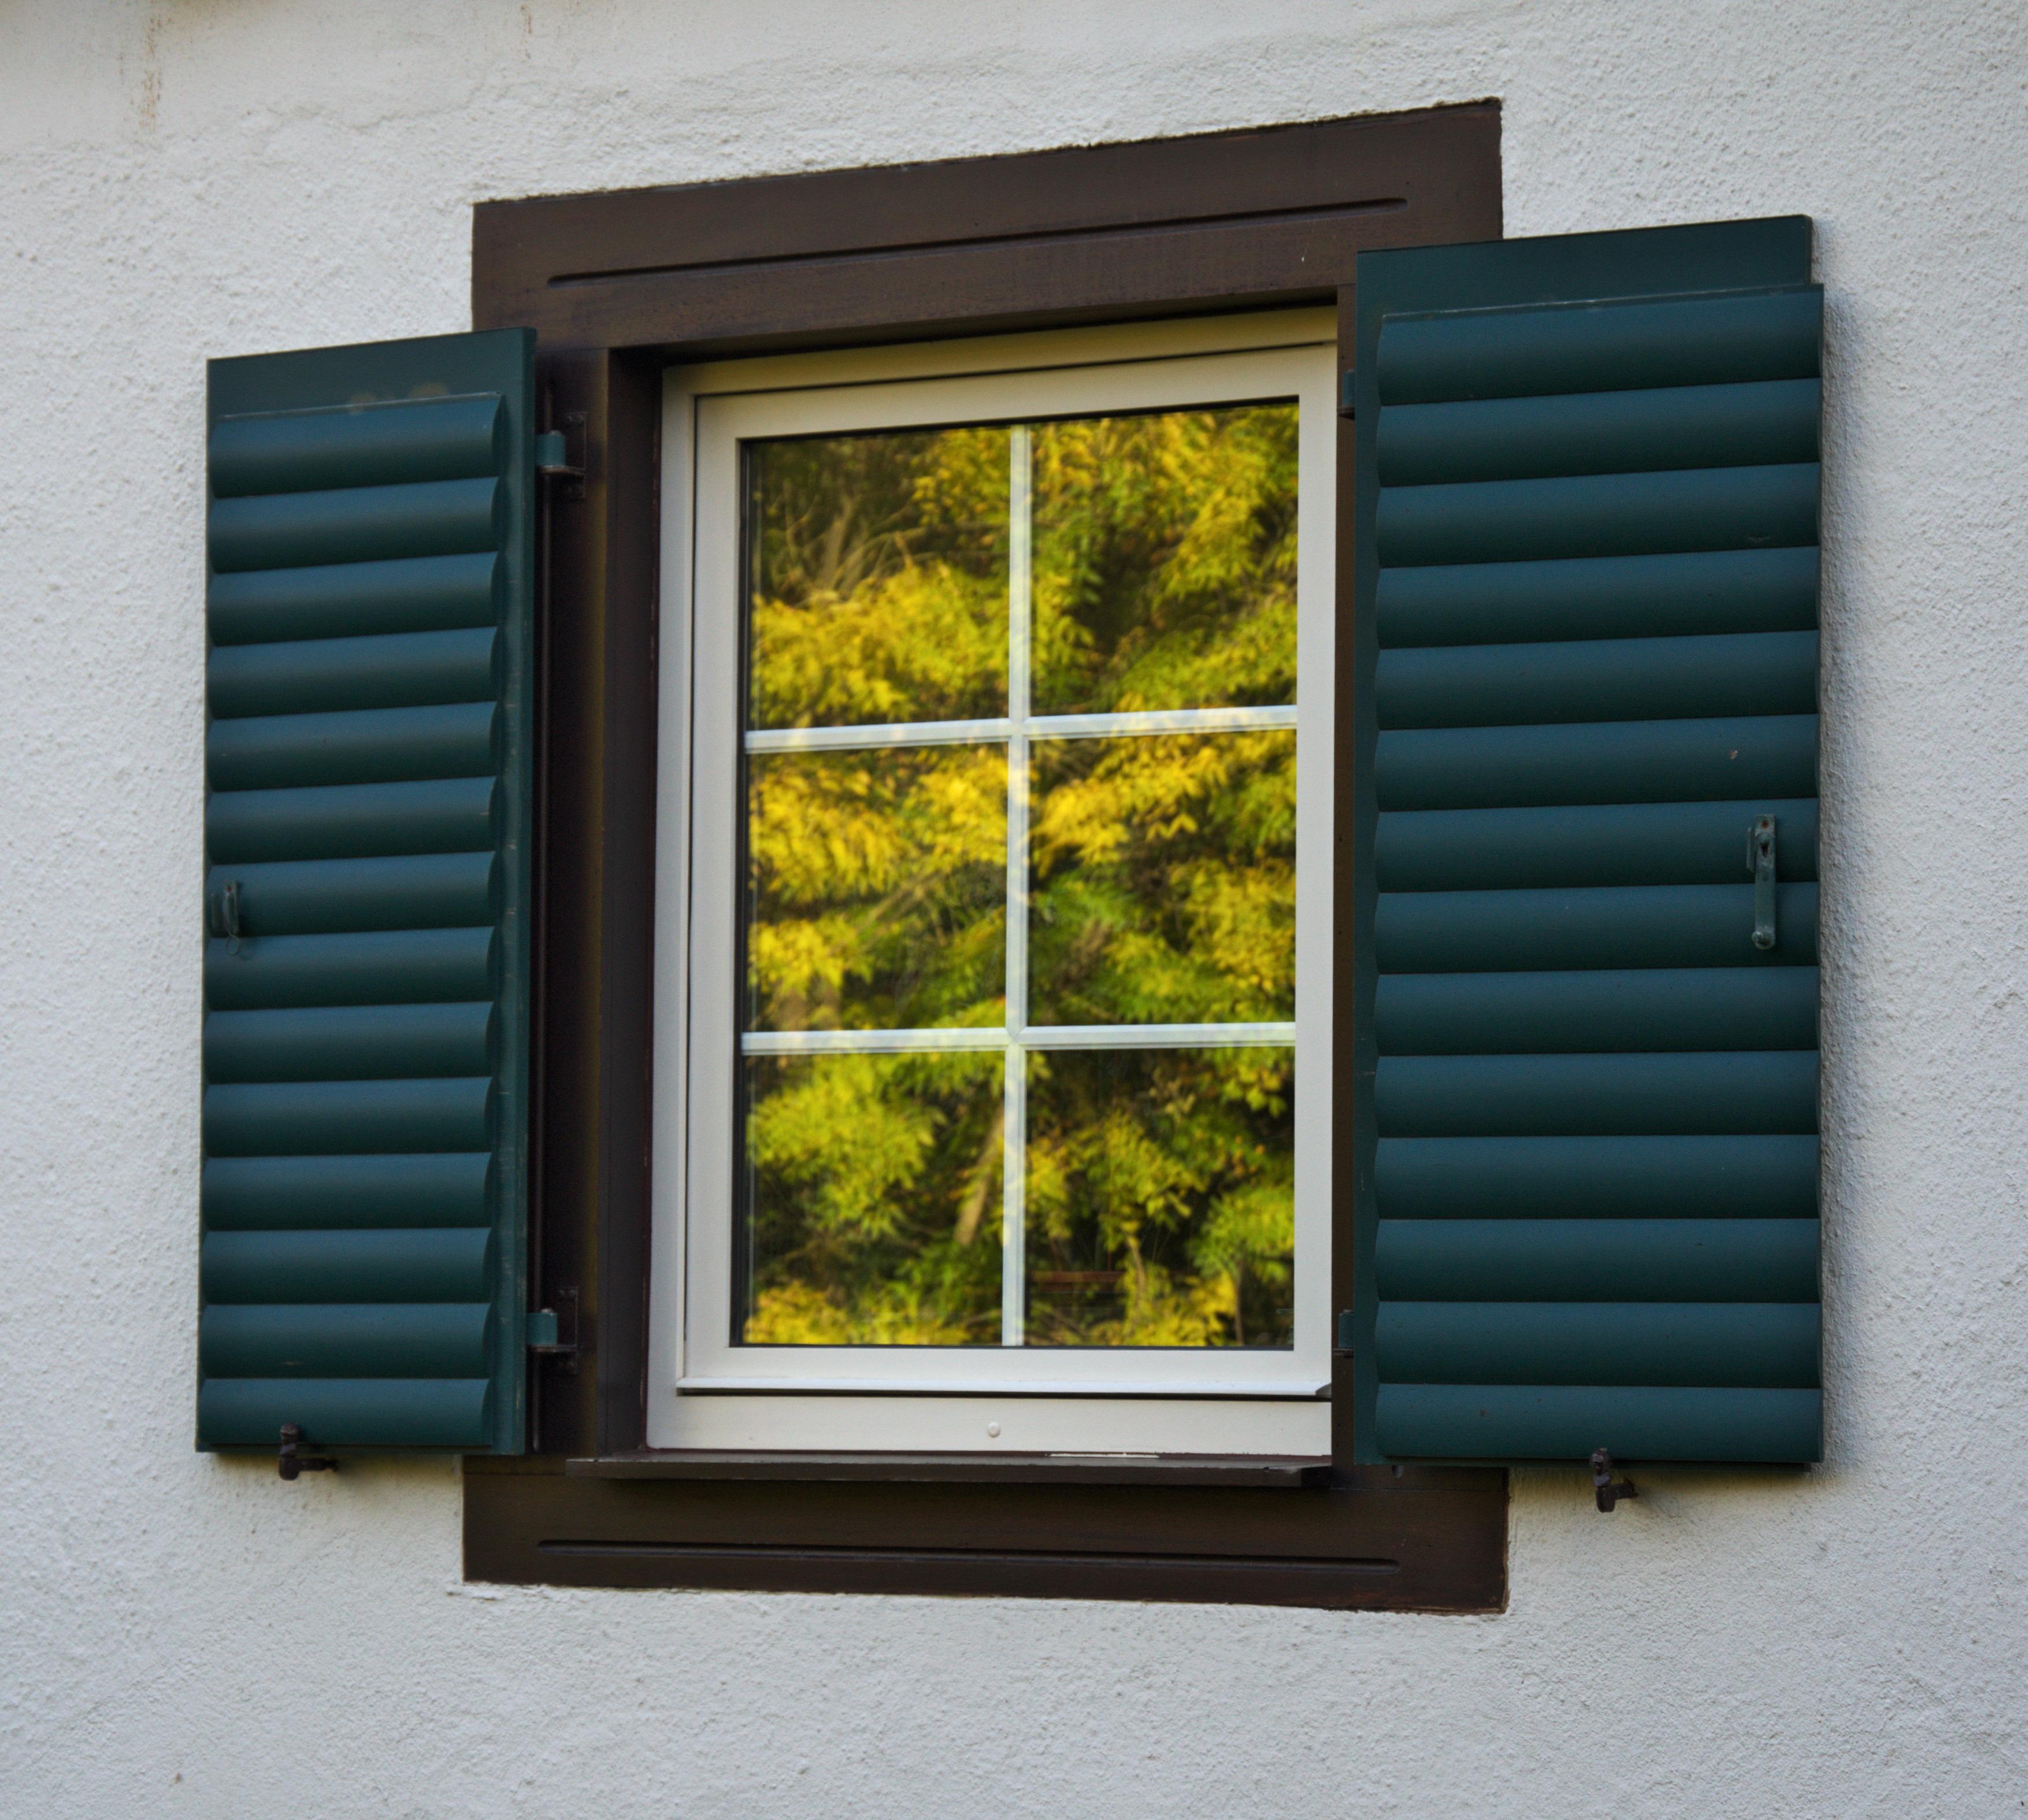 Fotos gratis : madera, edificio, atmósfera, pared, color, otoño ...